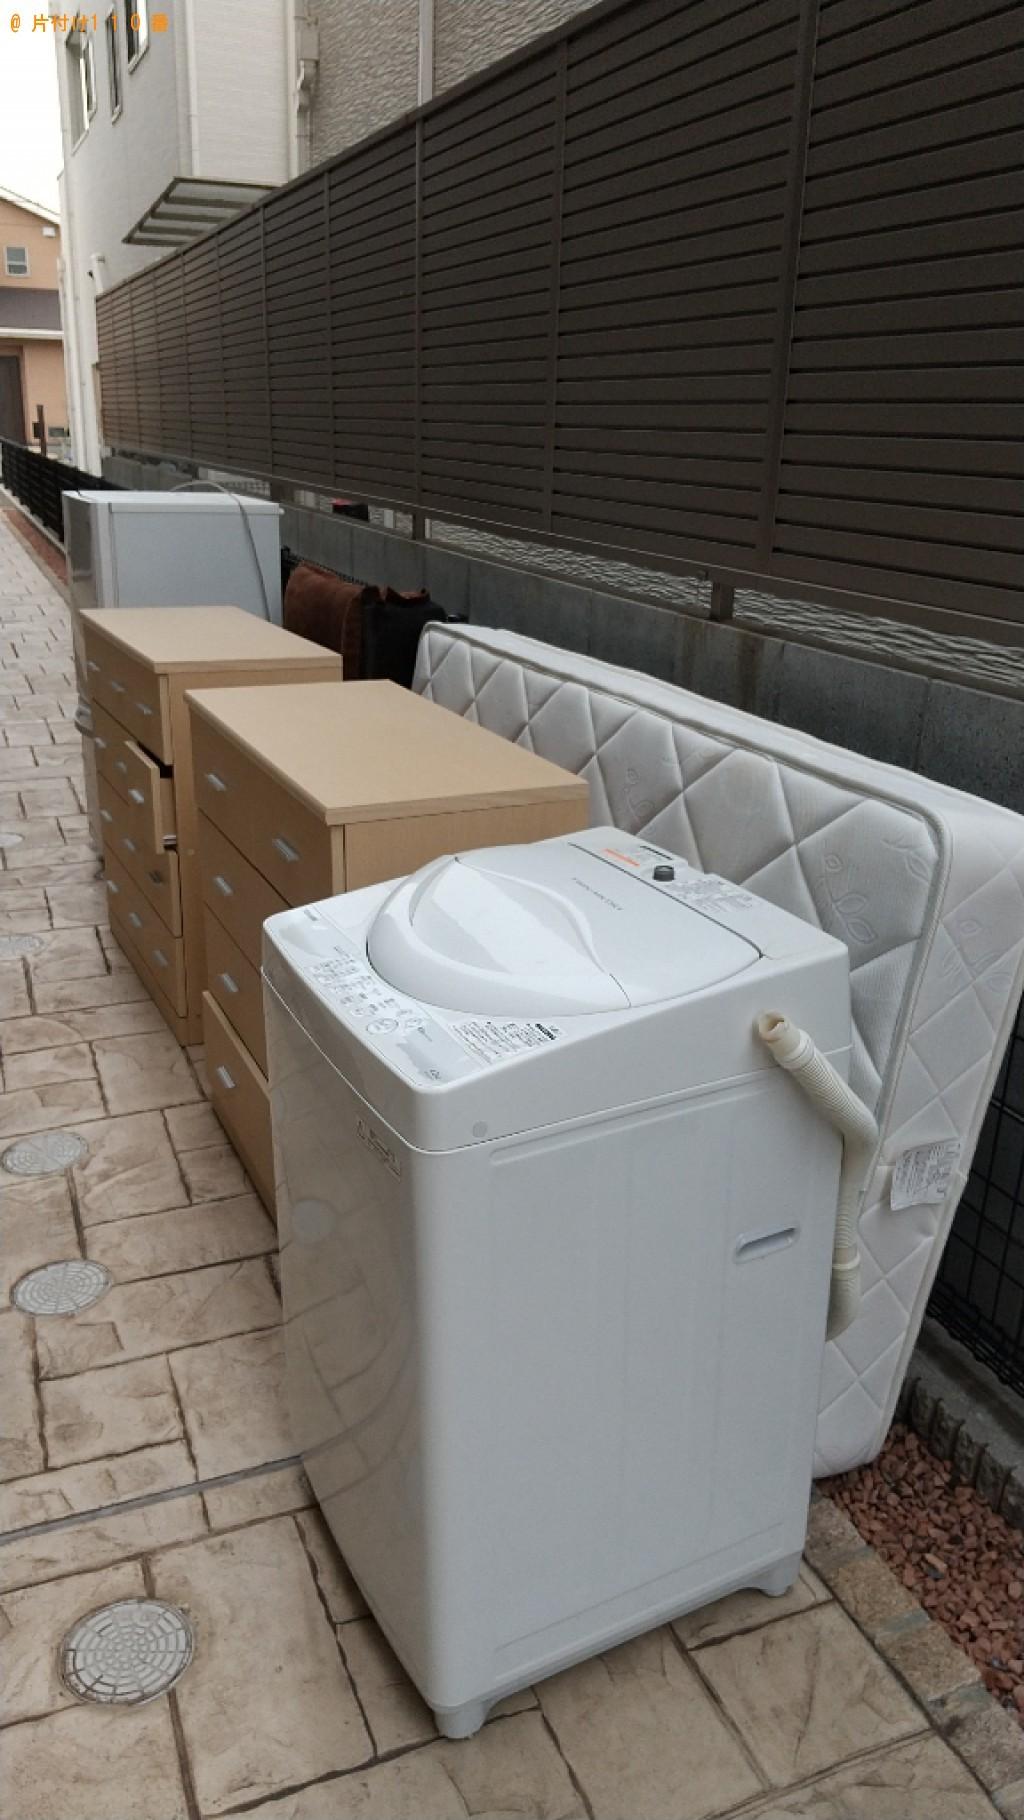 【福山市新涯町】冷蔵庫、洗濯機、こたつ、タンス等の回収・処分